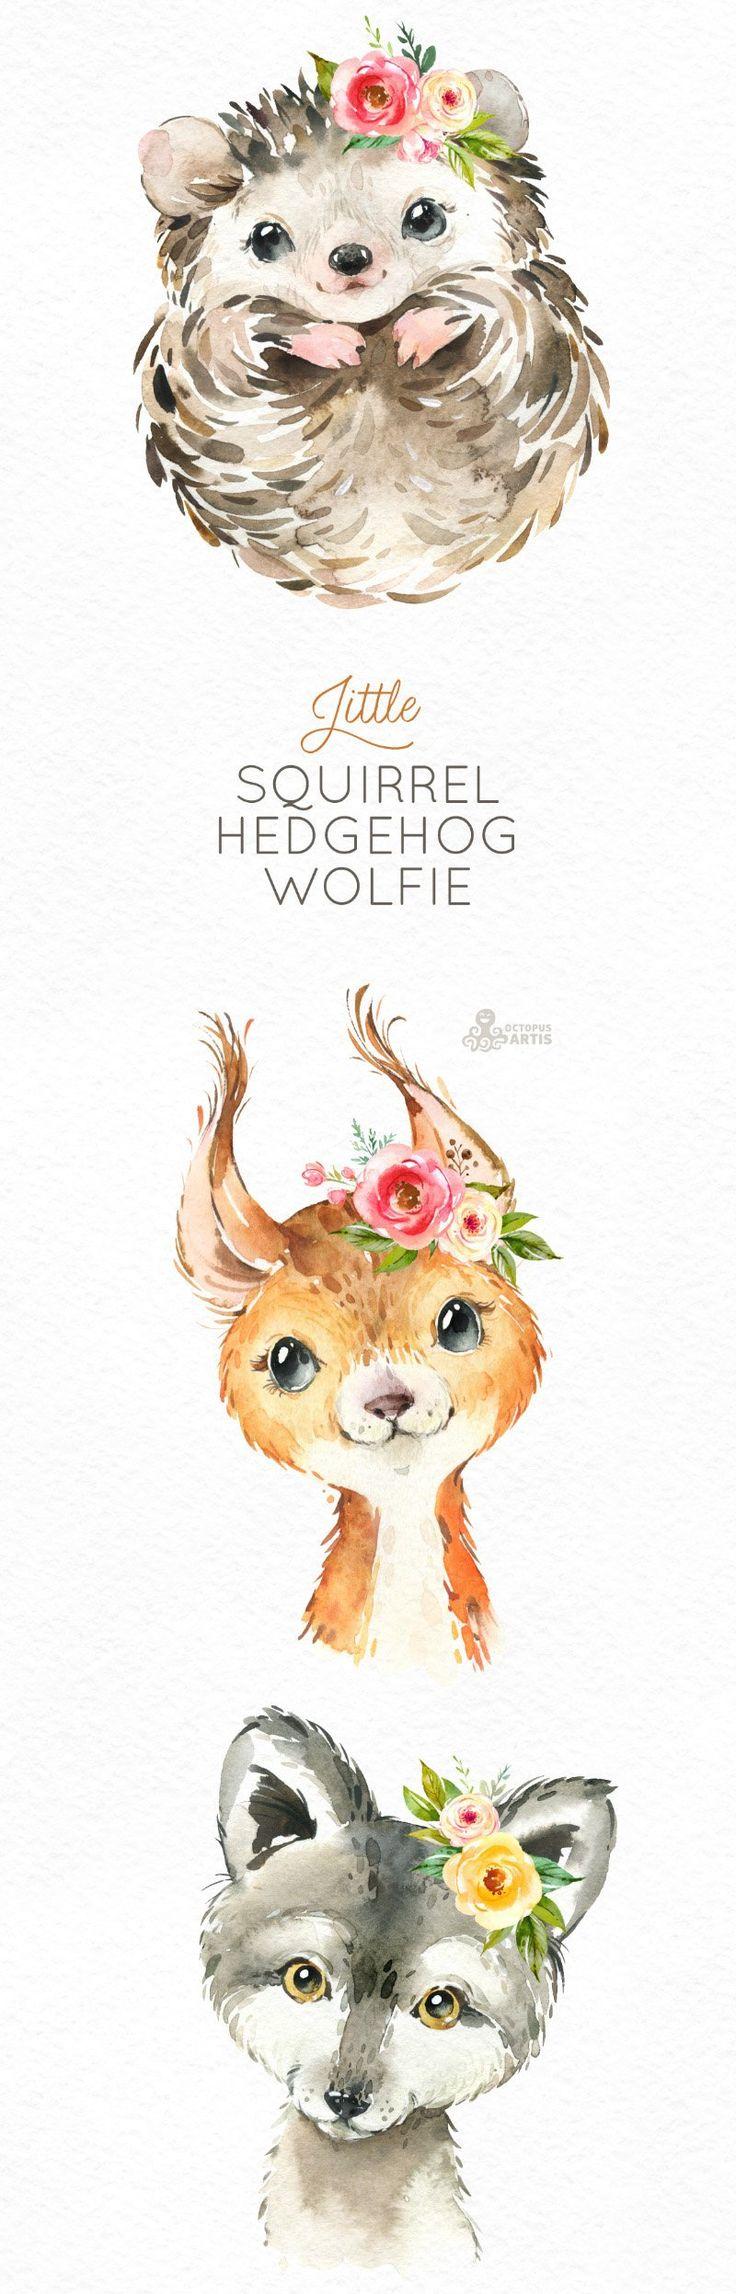 Kleines Eichhörnchen Igel Wolfie. Aquarell Tiere Clipart, Wald, Wald, Blumen, Kinder, niedlich, Kinderzimmer Kunst, Natur, realistisch, Freunde